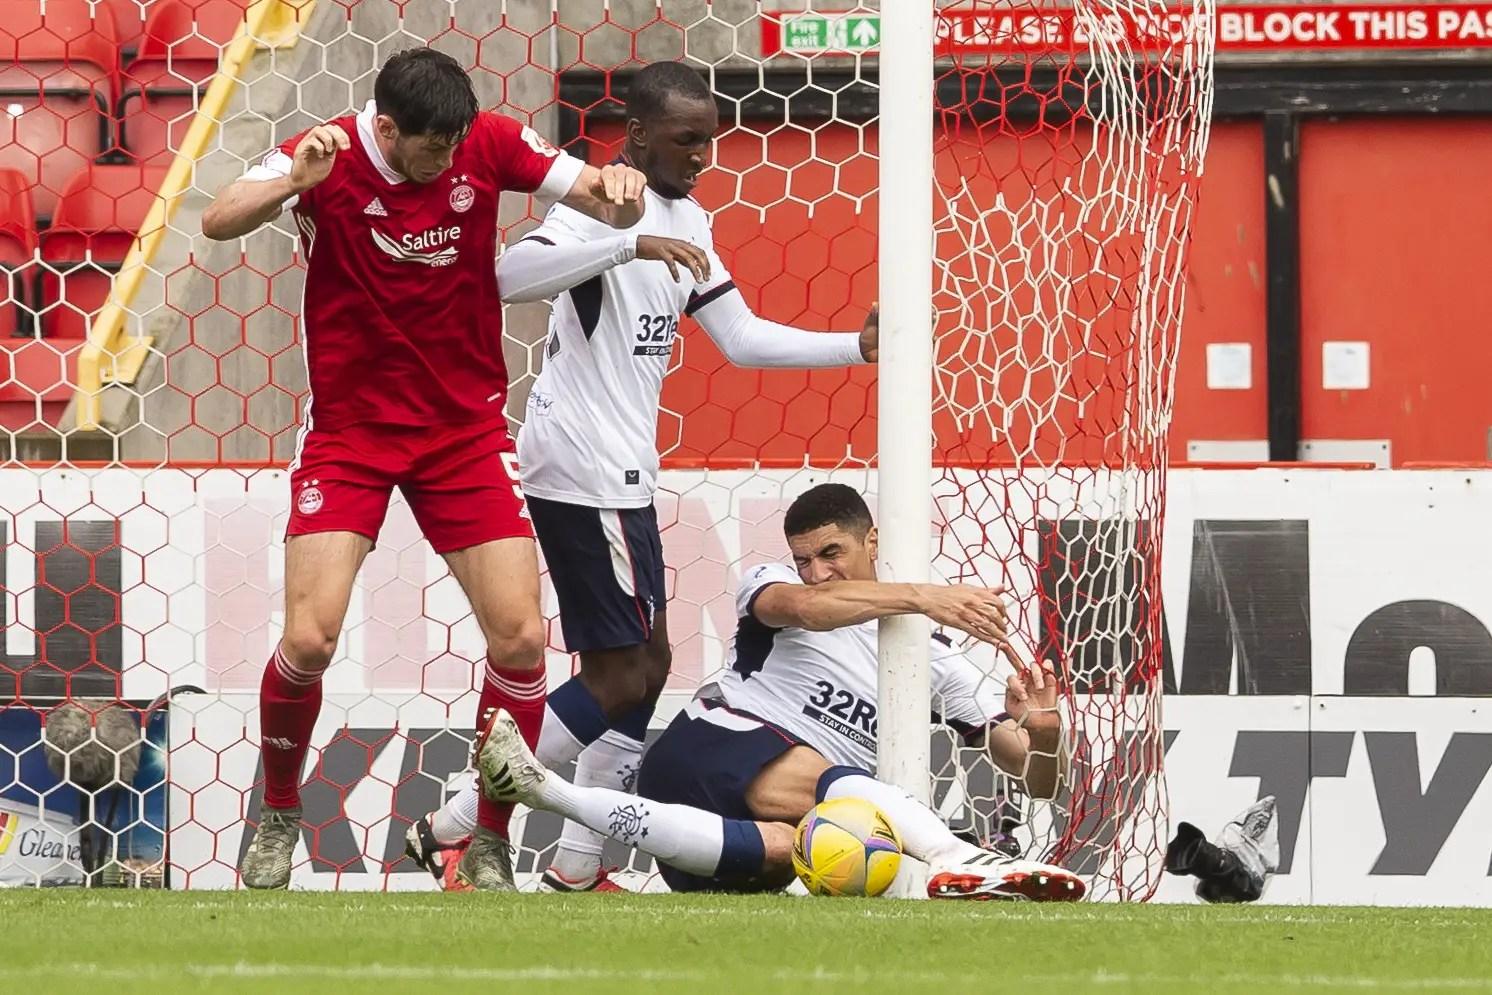 Balogun Criticises  Aberdeen's McKenna After Goalpost Incident